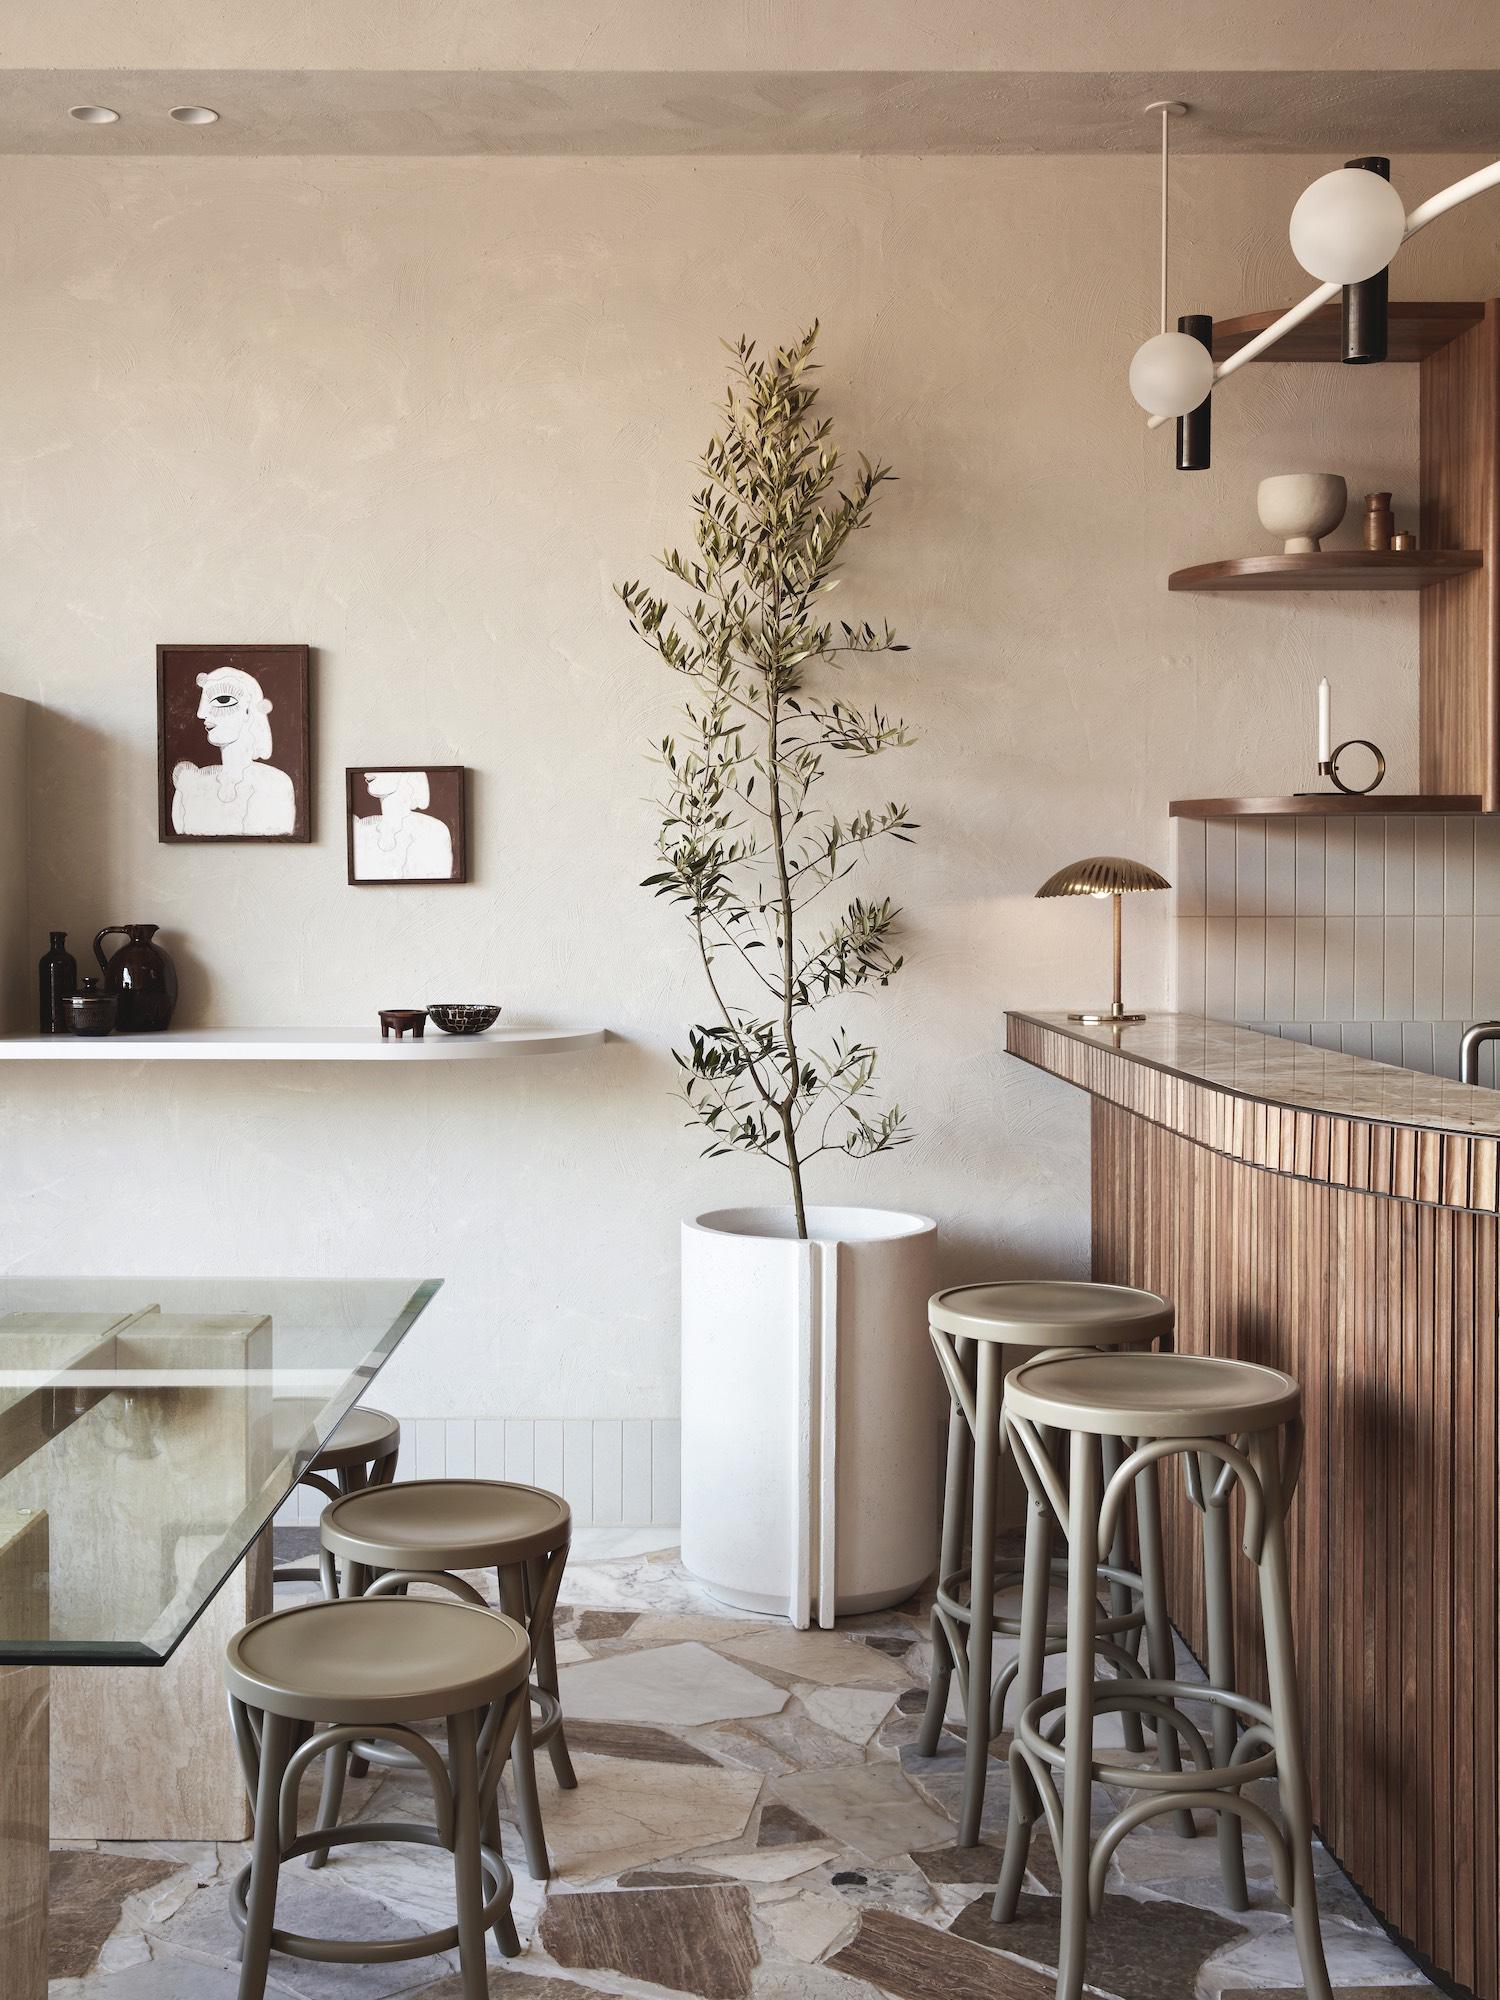 est living via porta studio esteta hospitality design 9